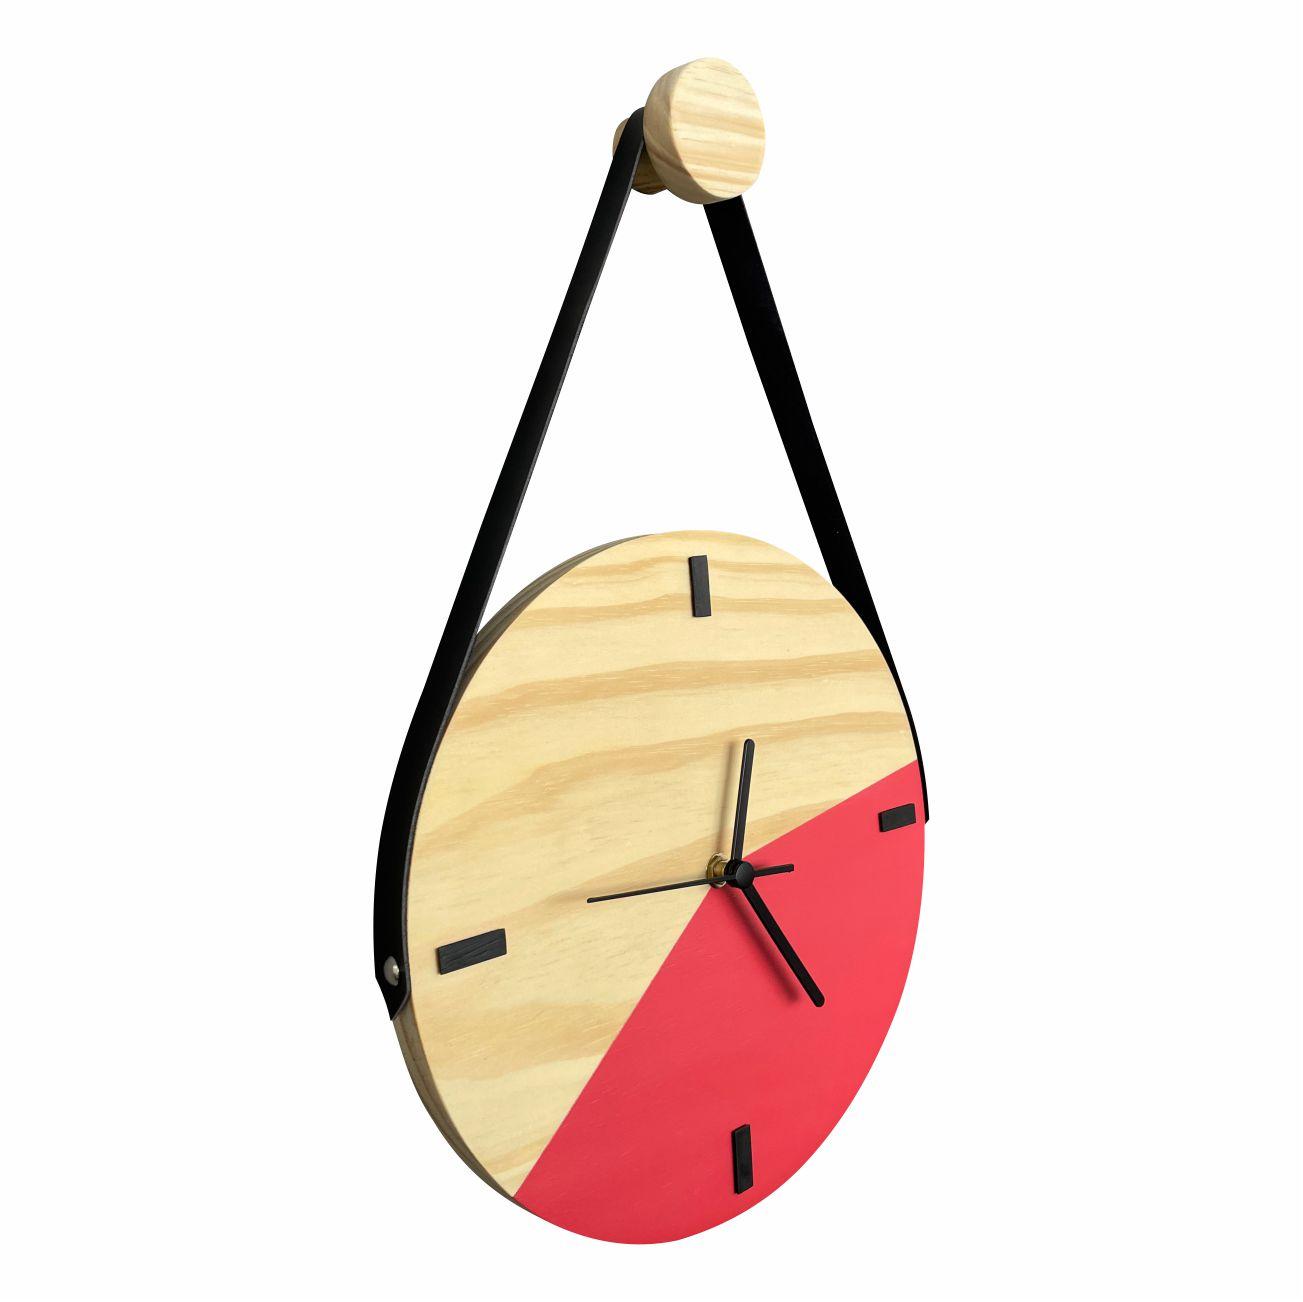 Relógio de Parede Decorativo Escandinavo Duo Goiaba com Alça + Pendurador